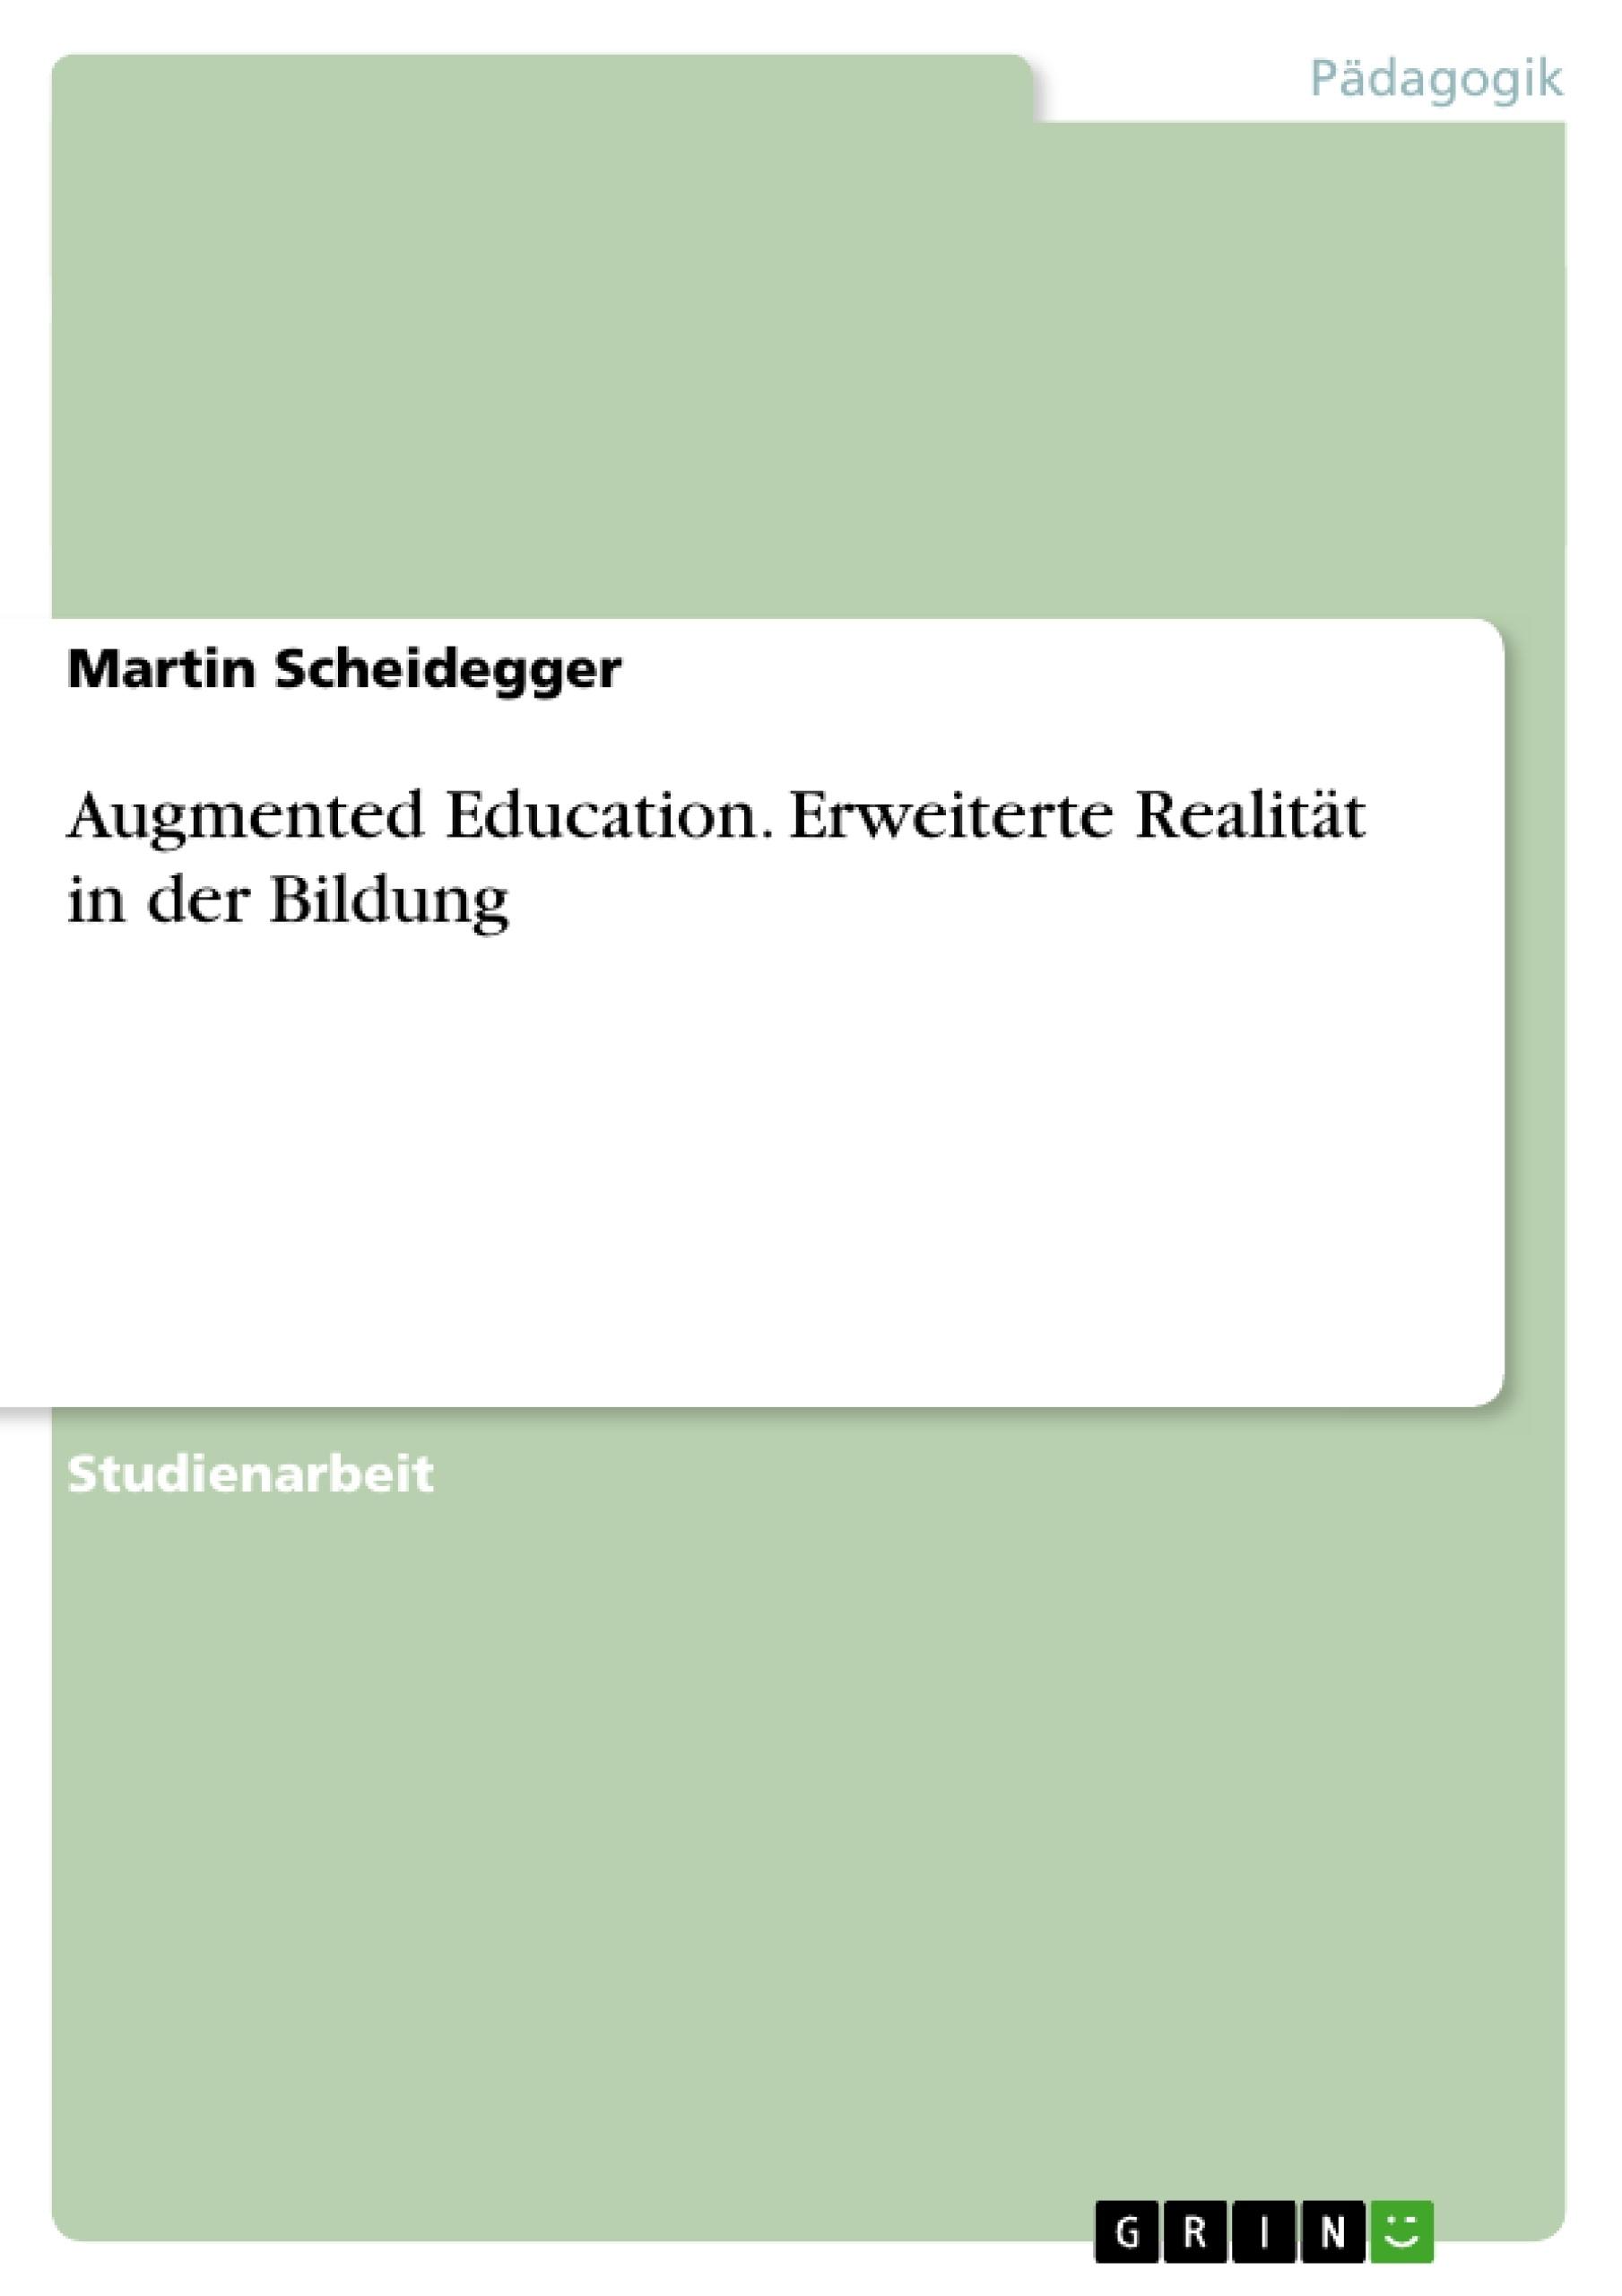 Titel: Augmented Education. Erweiterte Realität in der Bildung